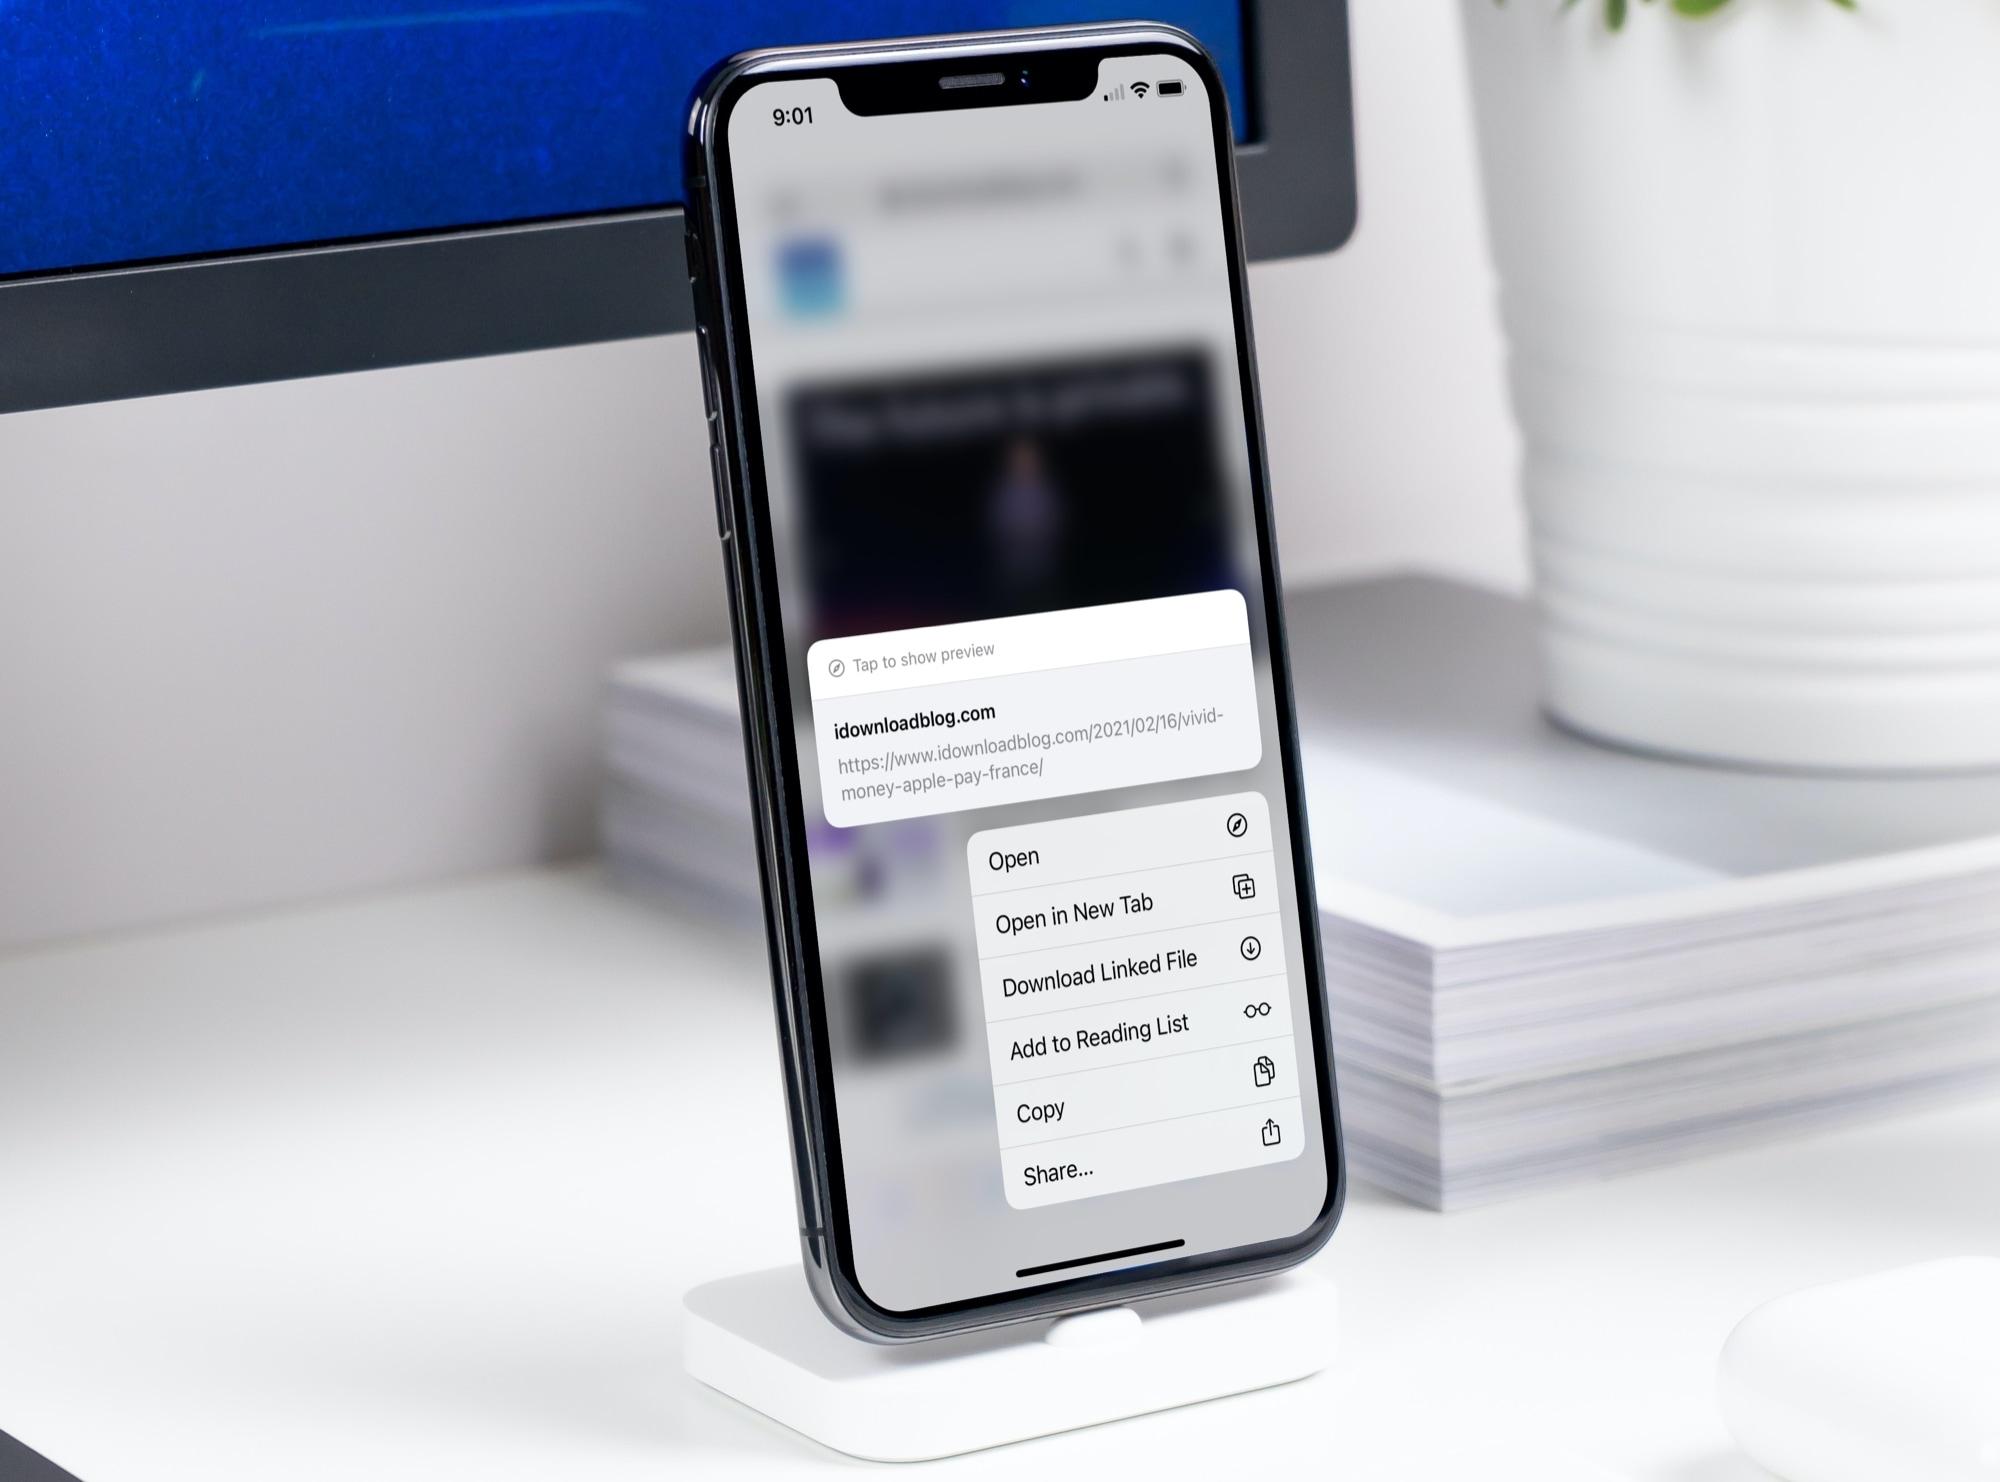 Safari Open Link in New Tab on iPhone